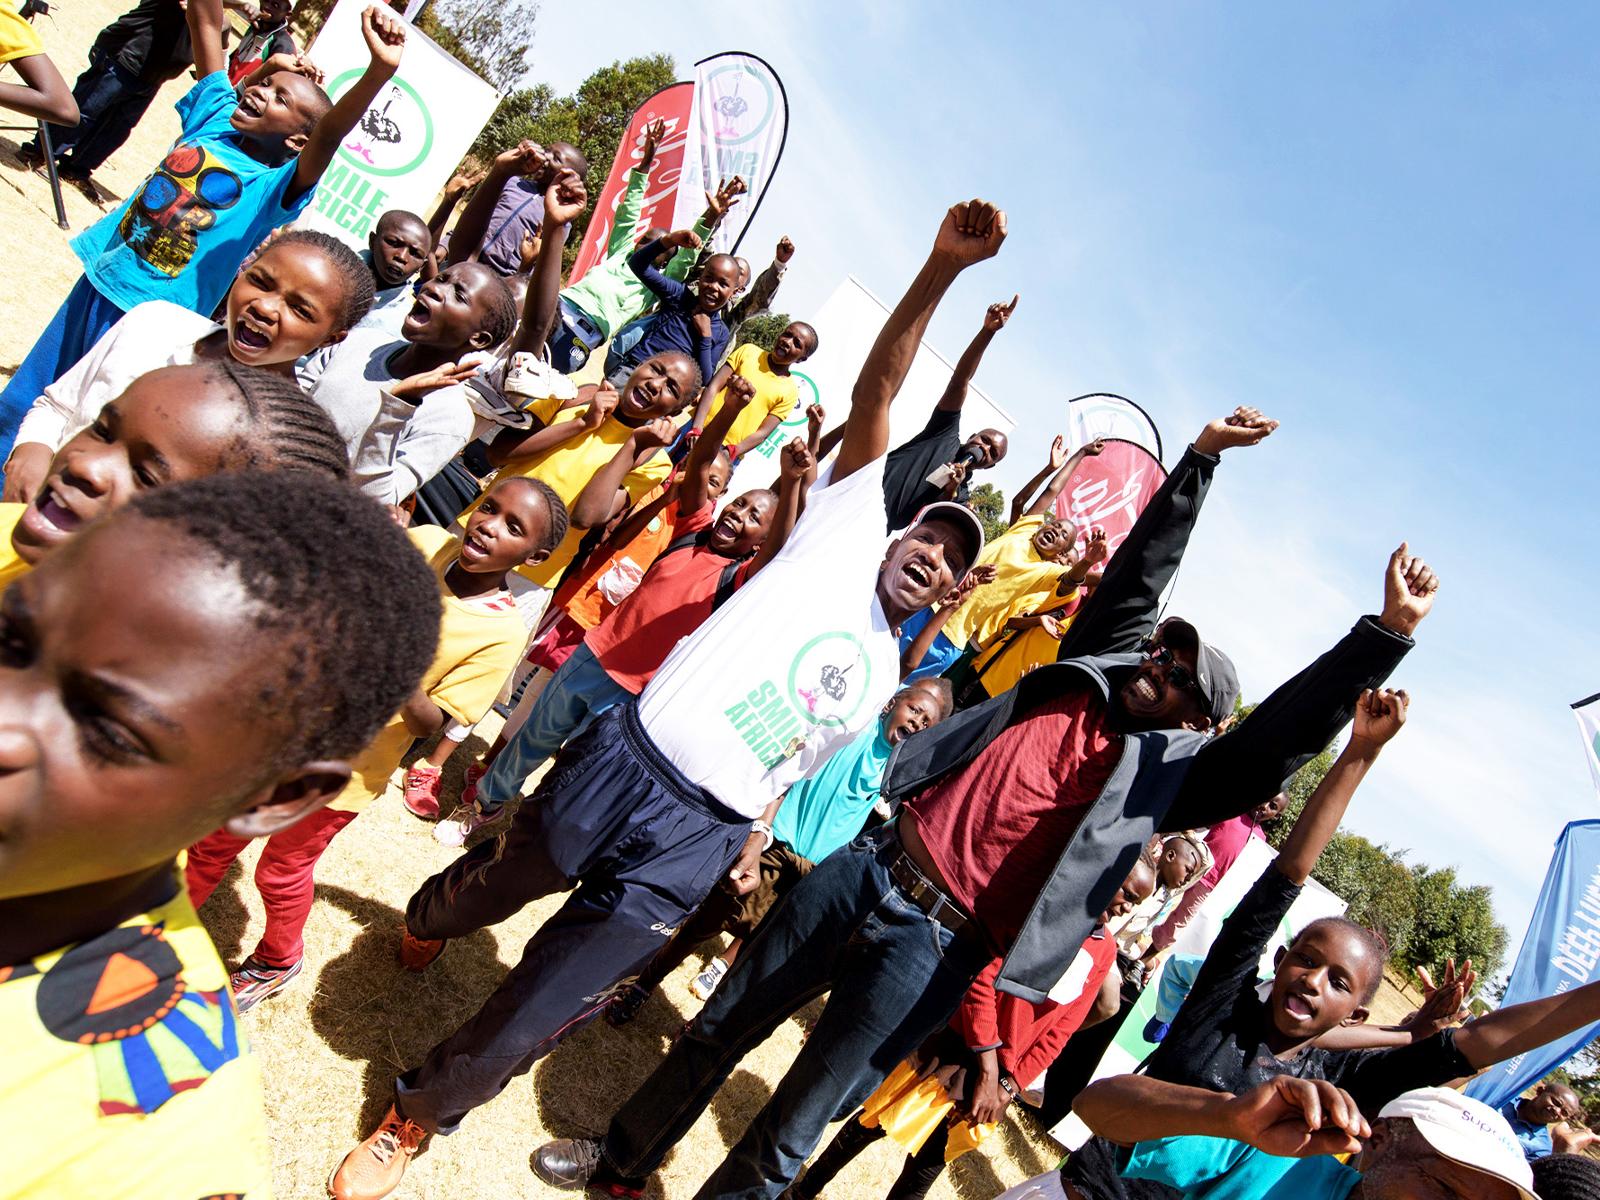 中央の白色Tシャツの男性がダグラス・ワキウリさん。ケニア陸上競技界の英雄だ。